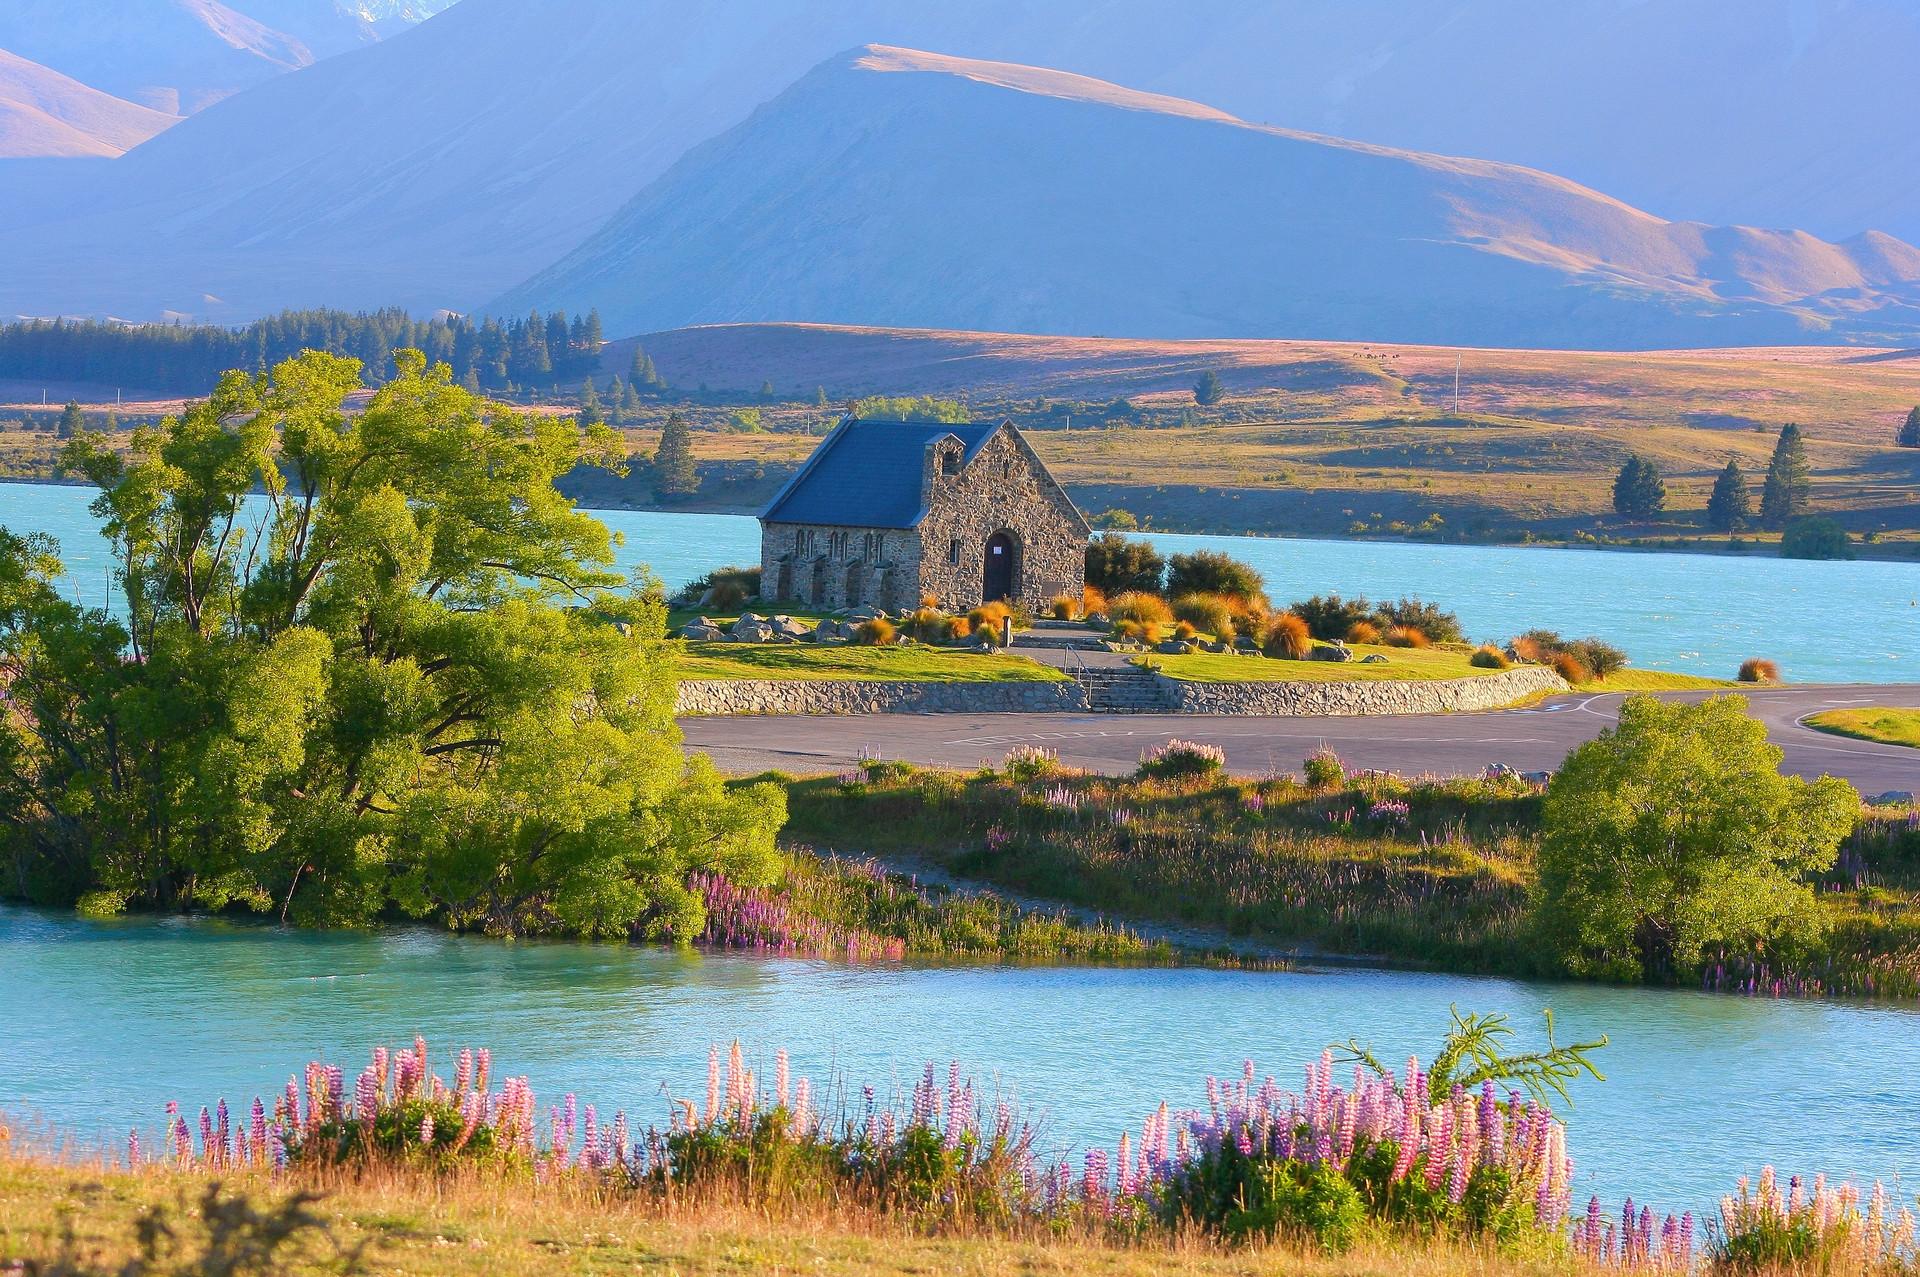 自驾新西兰南岛,纵情于湖光山色中